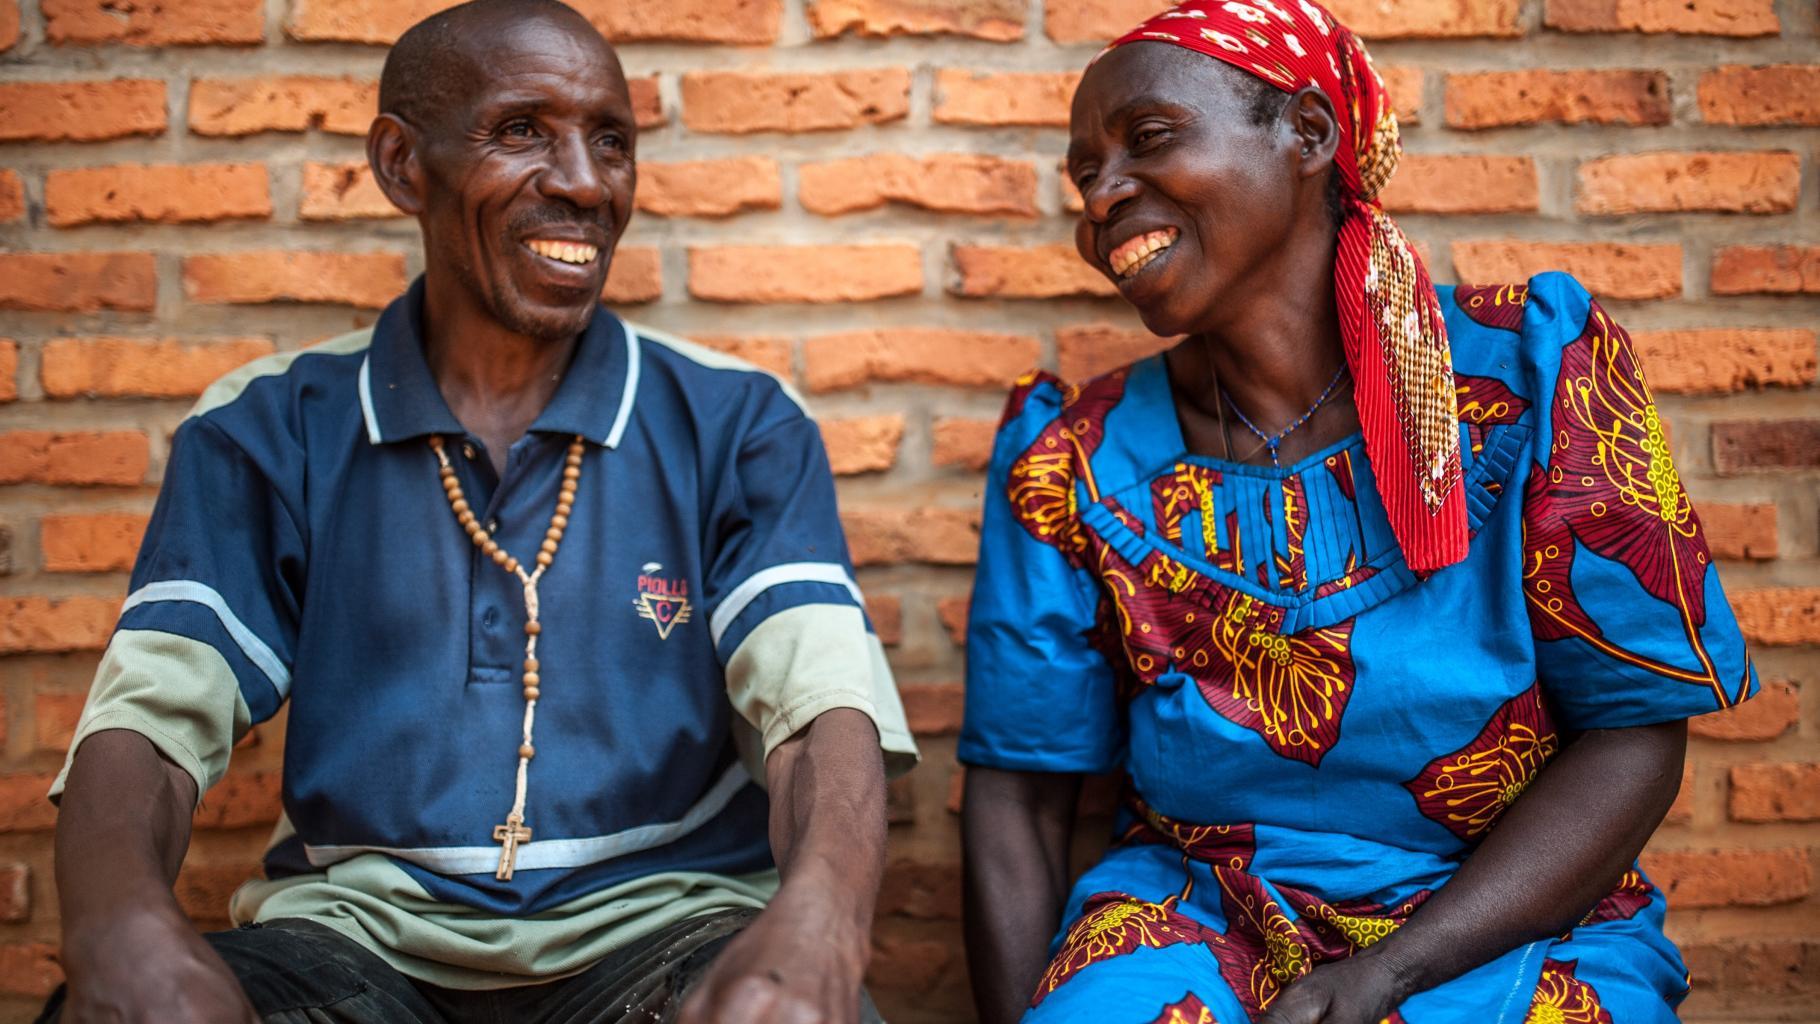 Ein Mann und eine Frau sitzen lachend vor einer Backsteinwand.